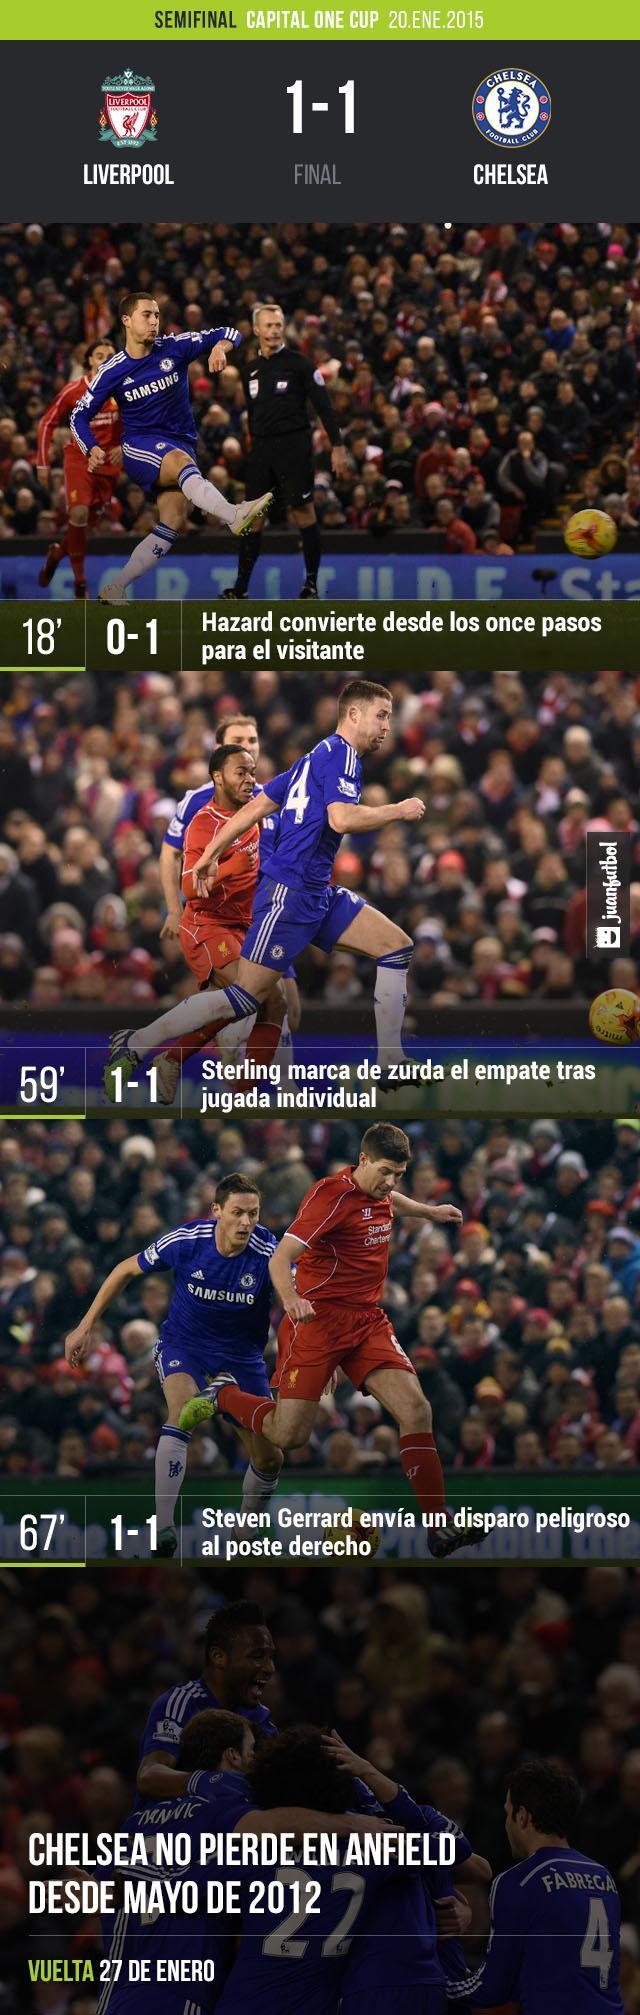 Liverpool dominó al Chelsea pero fue incapaz de reflejar su superioridad en el marcador y terminó empatando a un tanto